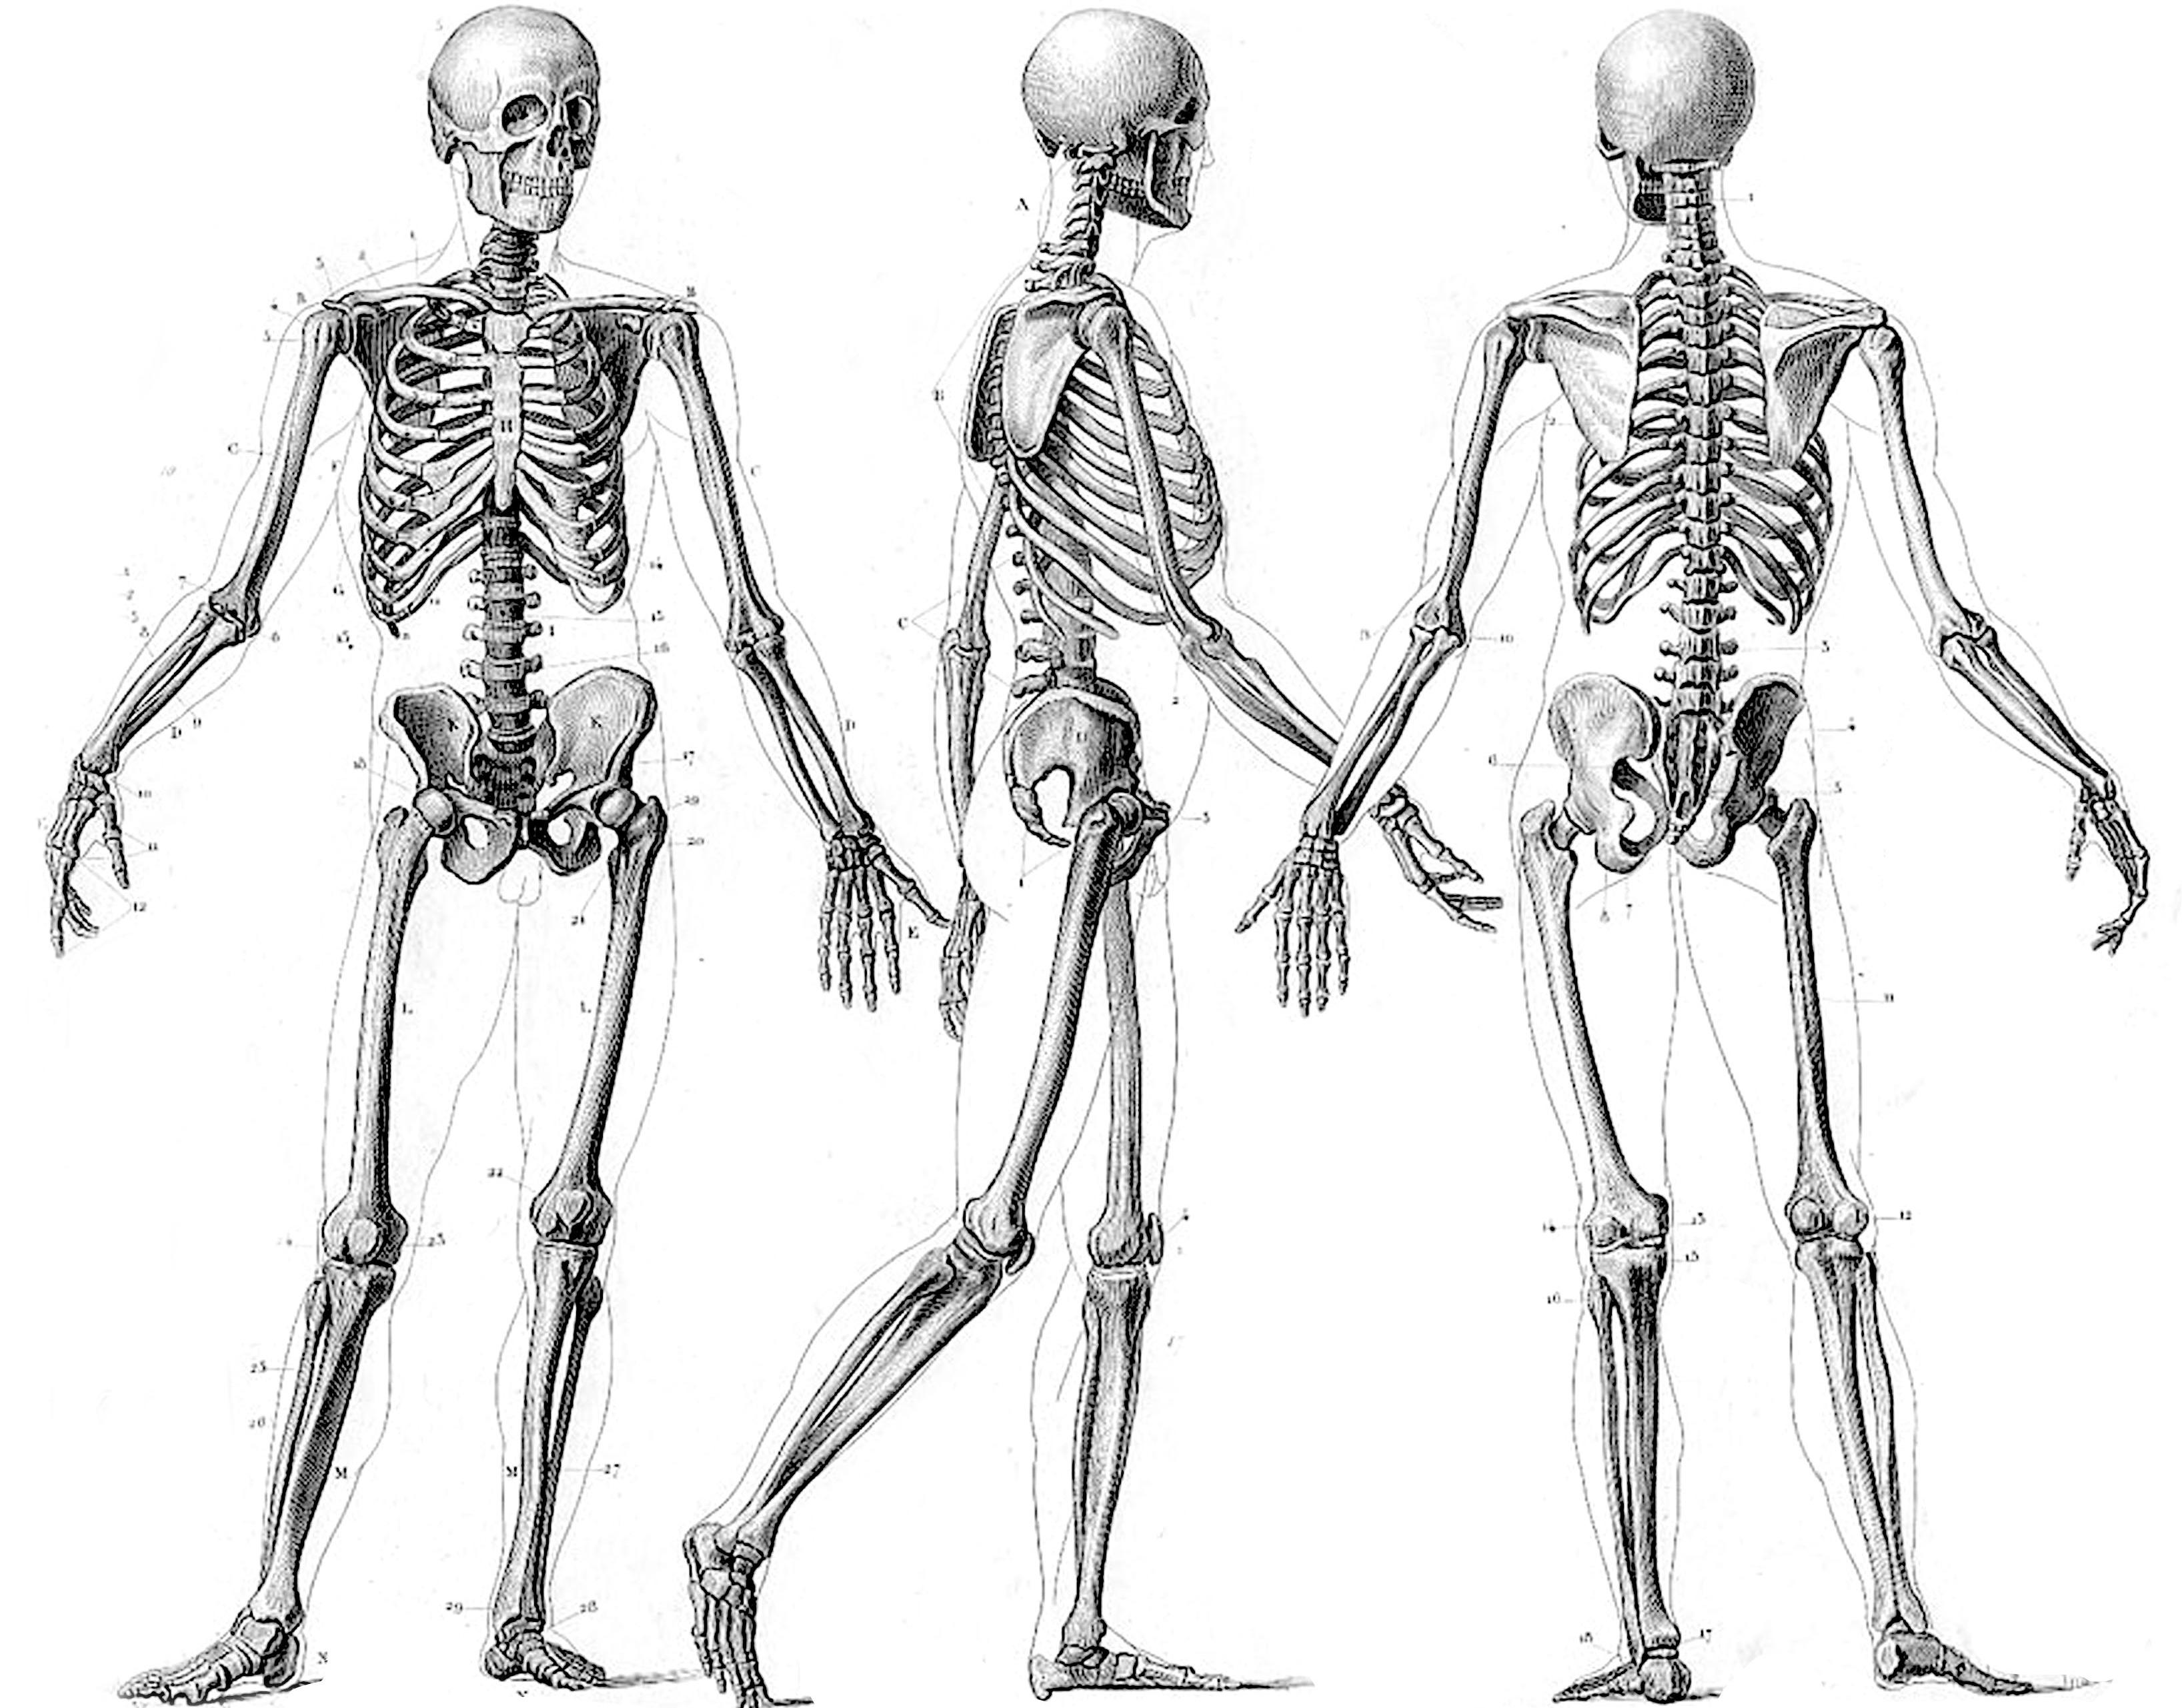 130 squelette fonds d u0026 39  u00e9cran hd